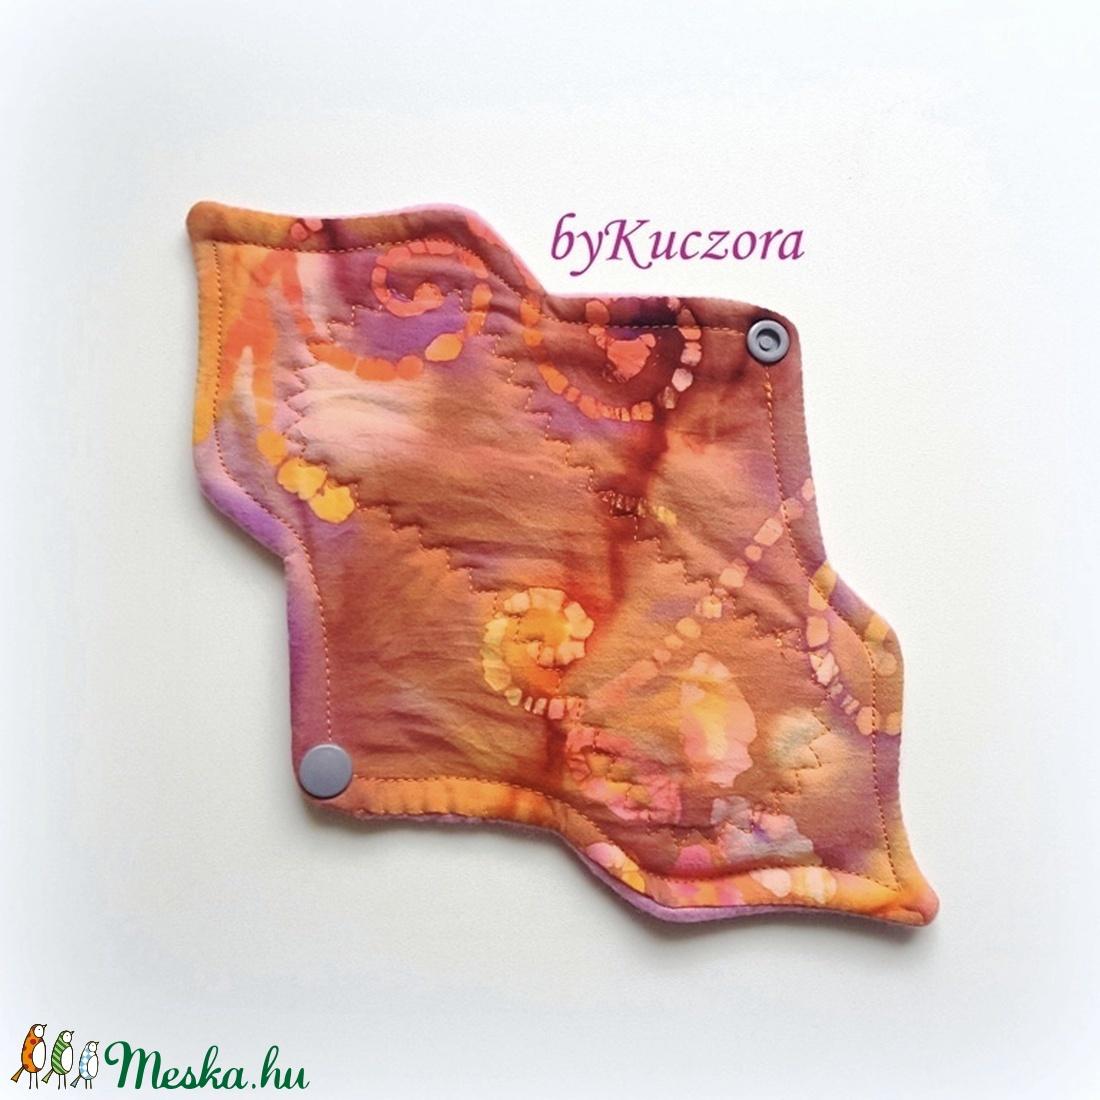 23 cm-es mosható intim betét, női betét - narancssárga, batikolt mintás (angyalifeny) - Meska.hu